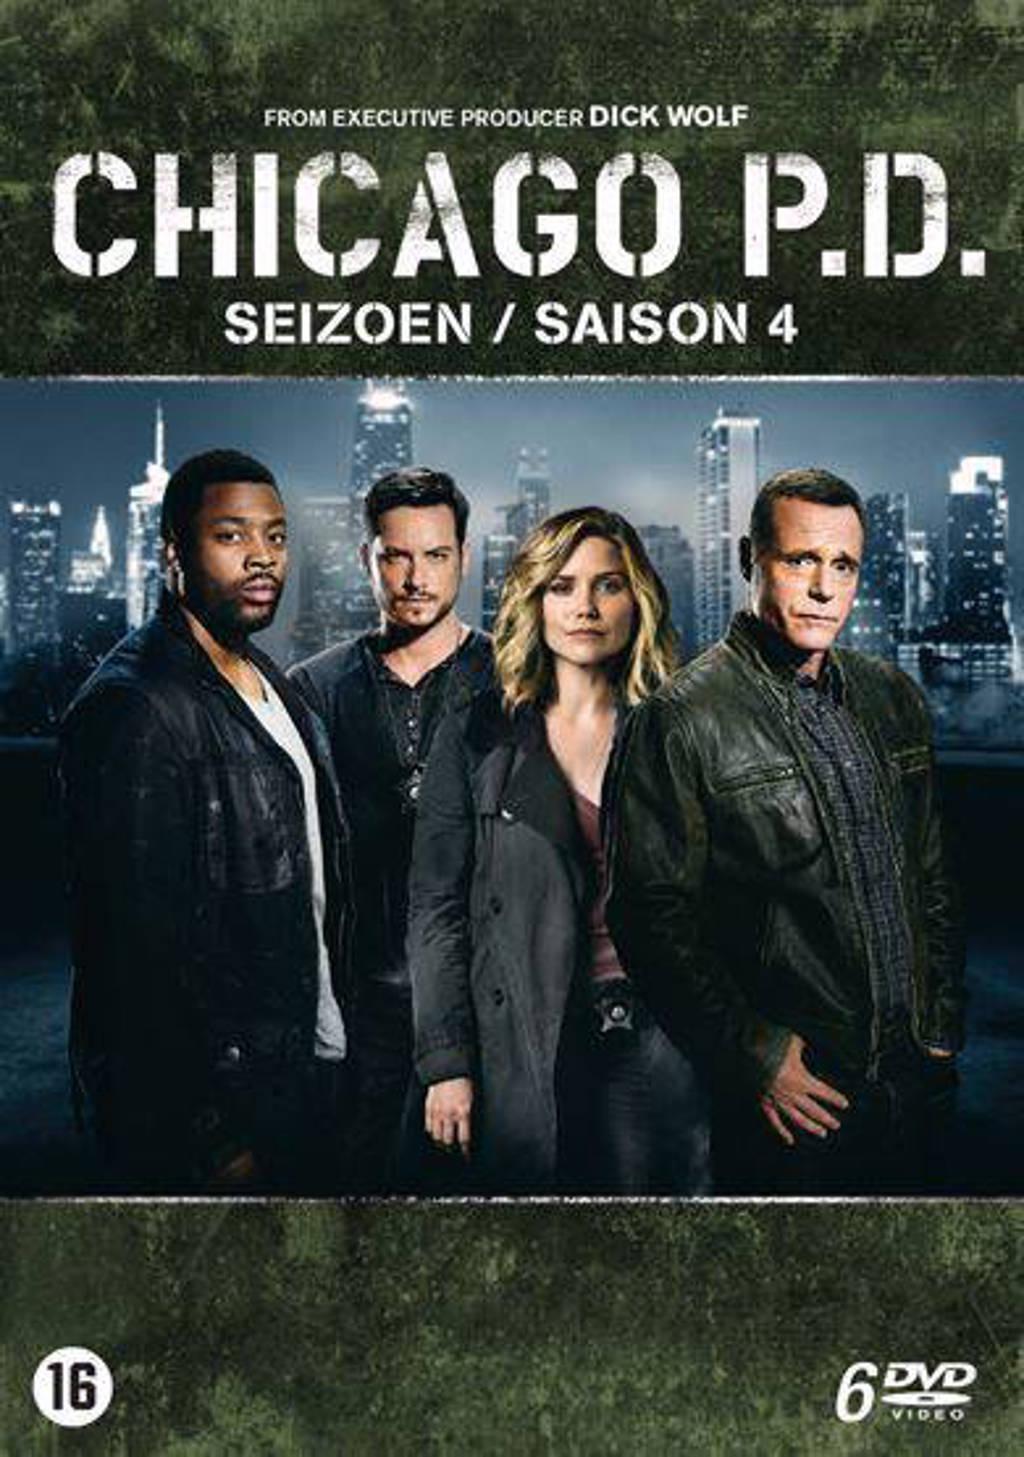 Chicago PD - Seizoen 4  (DVD)